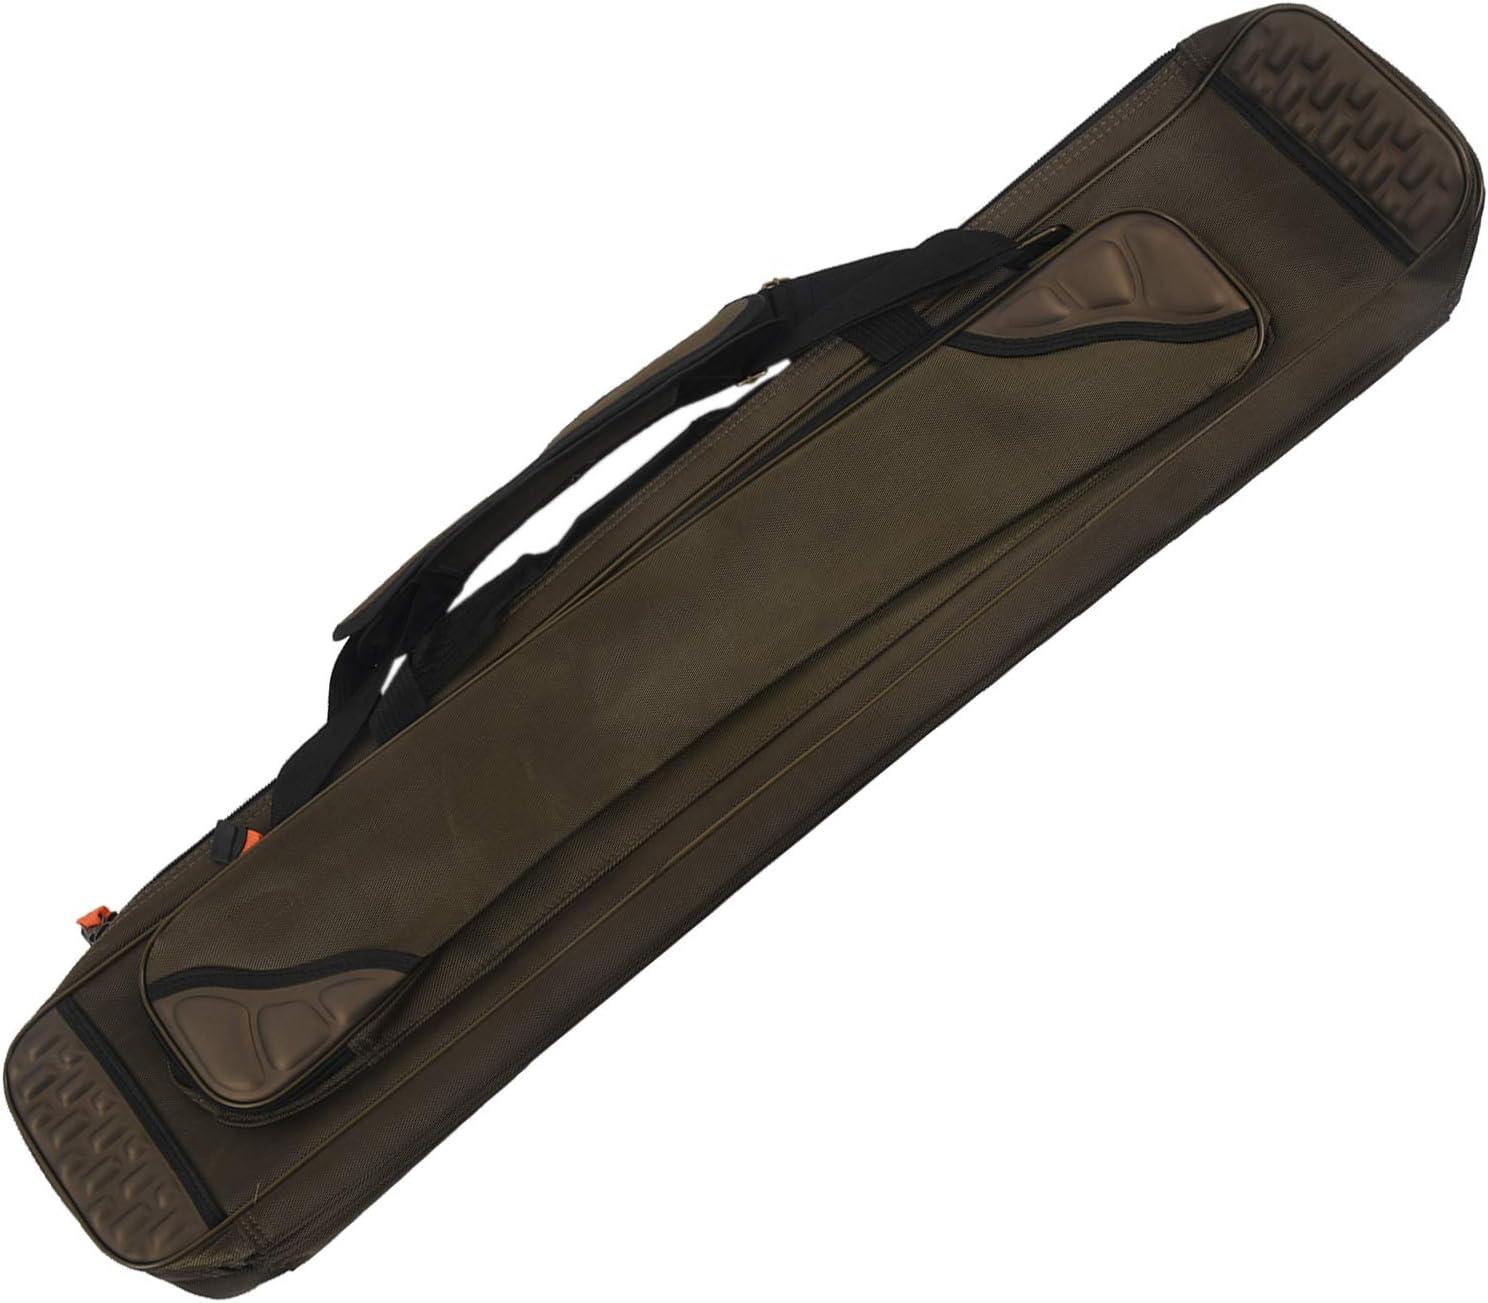 Leo Gro/ße Kapazit/ät Multifunktionale Fliegenfischen wasserdichte Spinnrolle Schutzh/ülle Tasche Reisetasche f/ür Ihre Angelrolle Caredy Angelger/ät Tasche